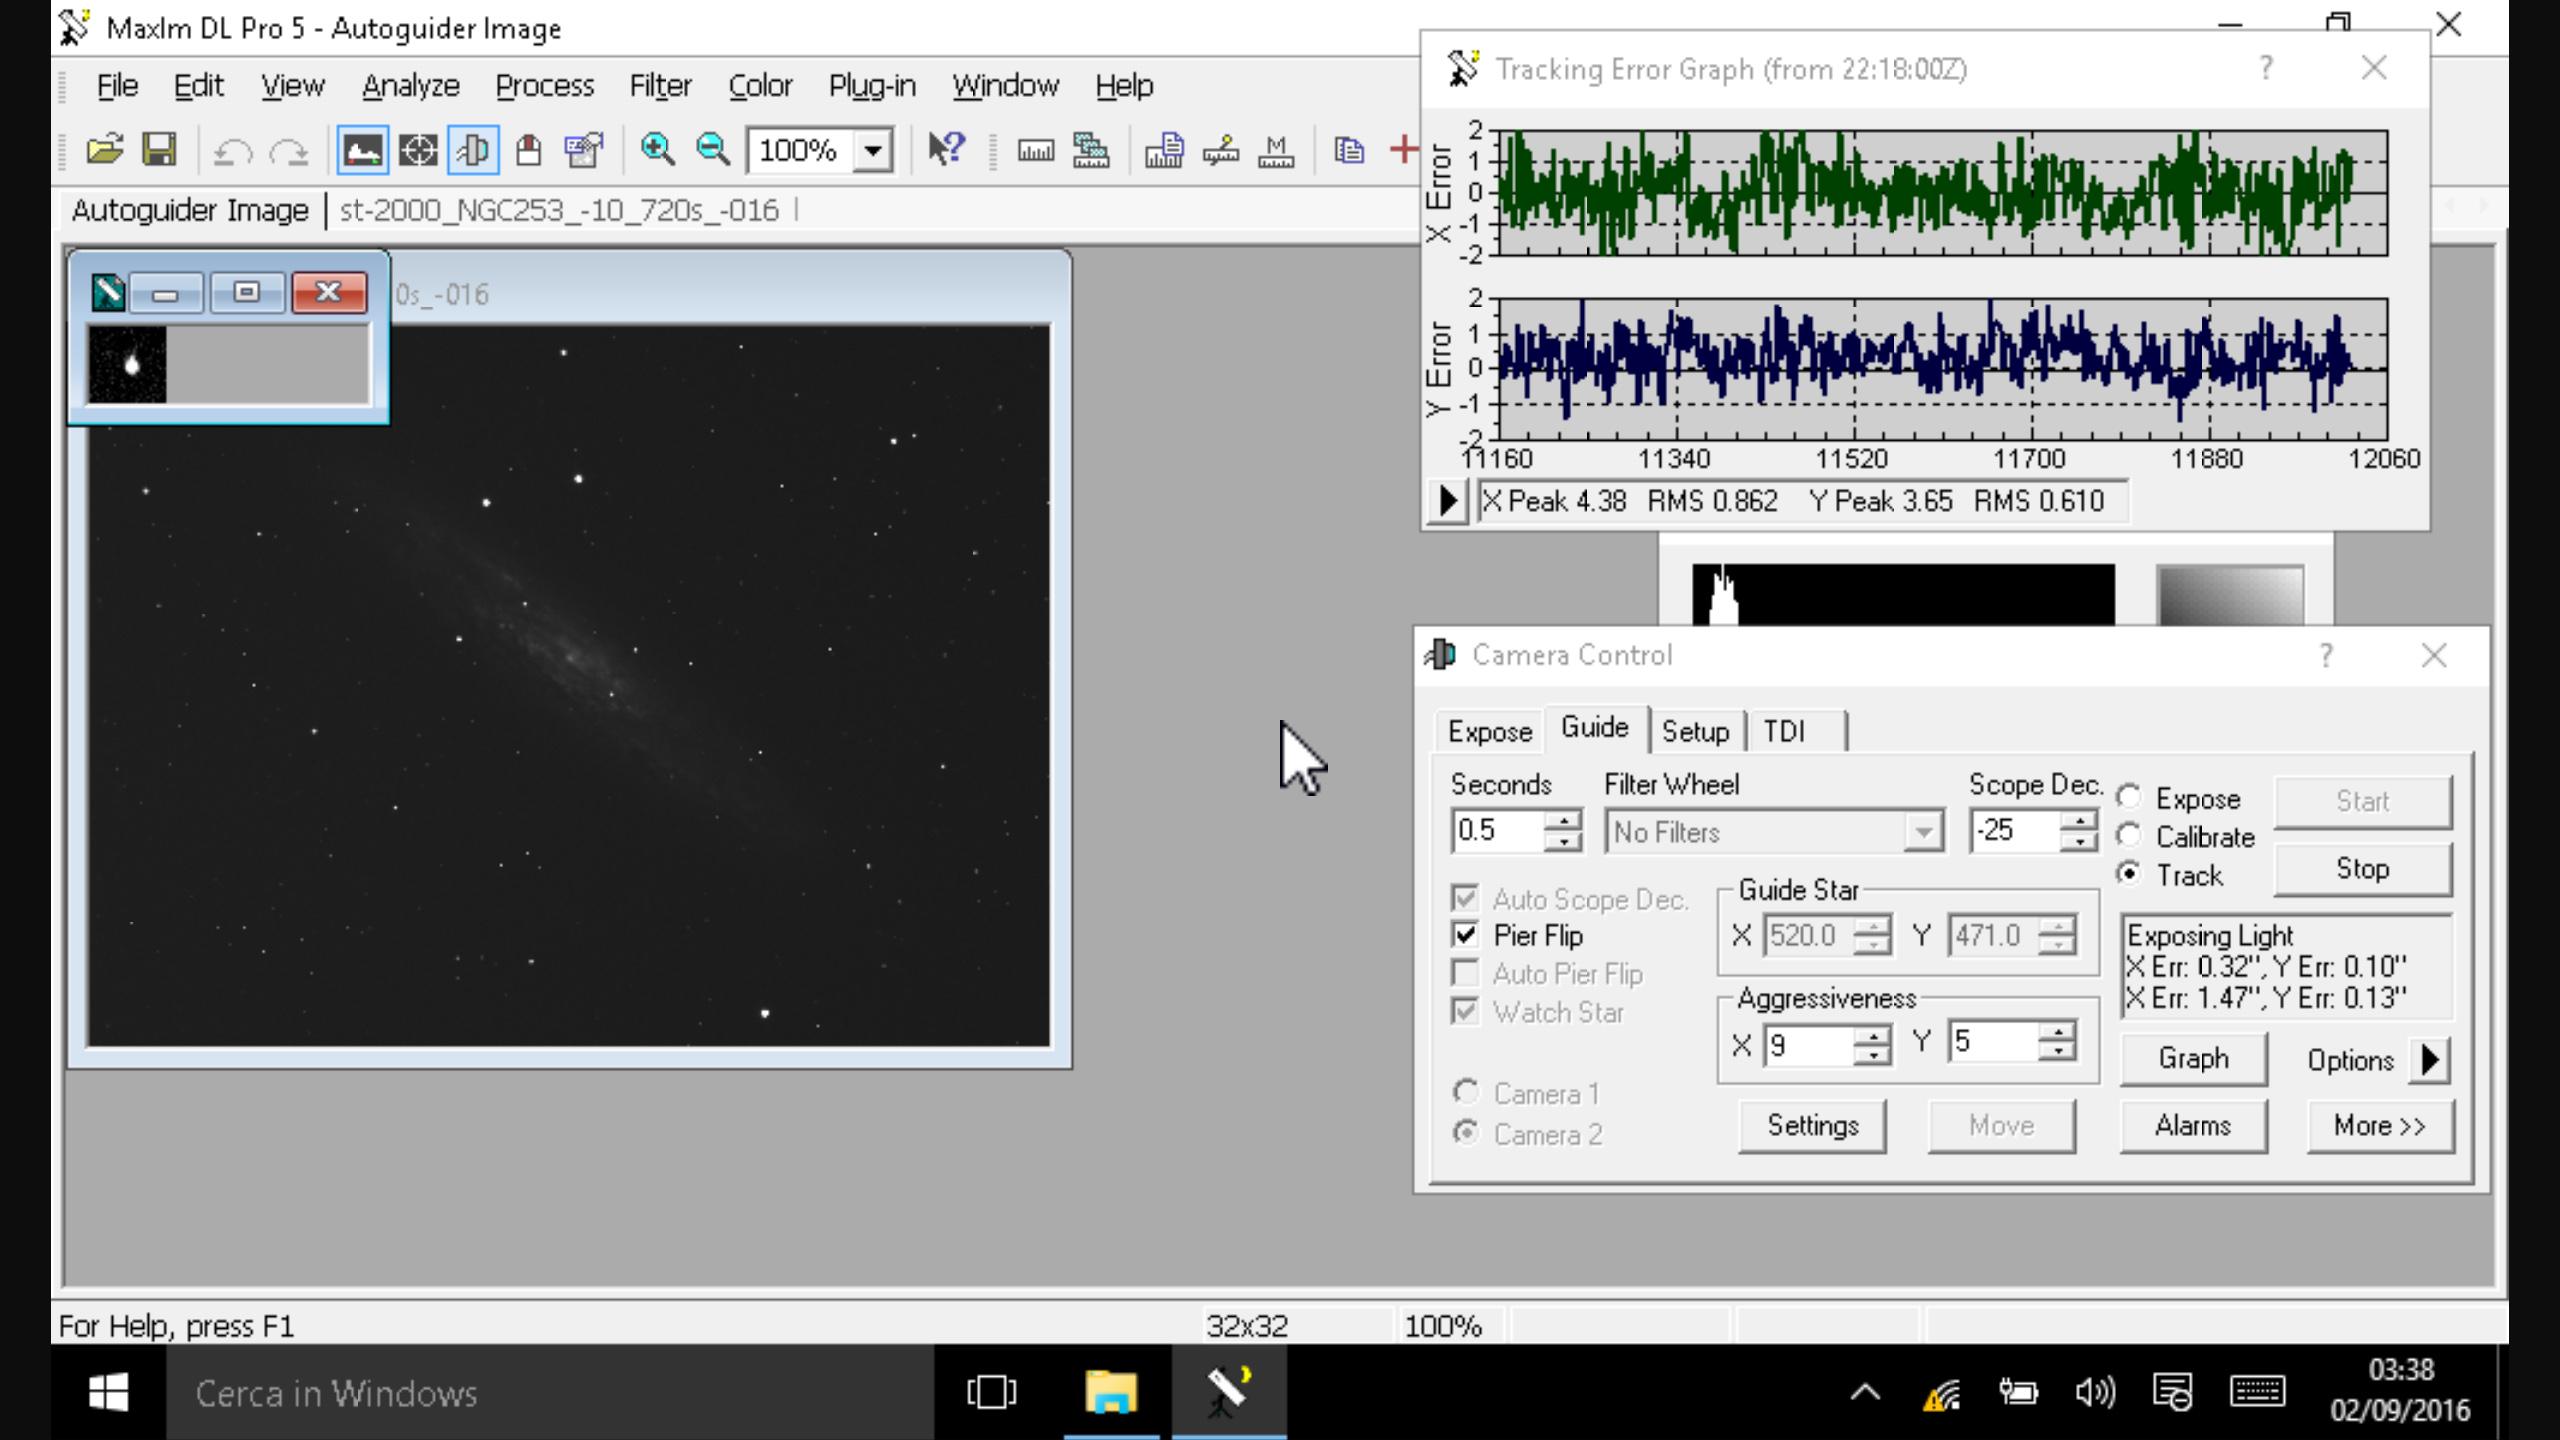 Uno screenshot direttamente dal Winpad W700 di MaxIm DL durante l'acquisizione e la guida sul finire di una serata di fotografica.